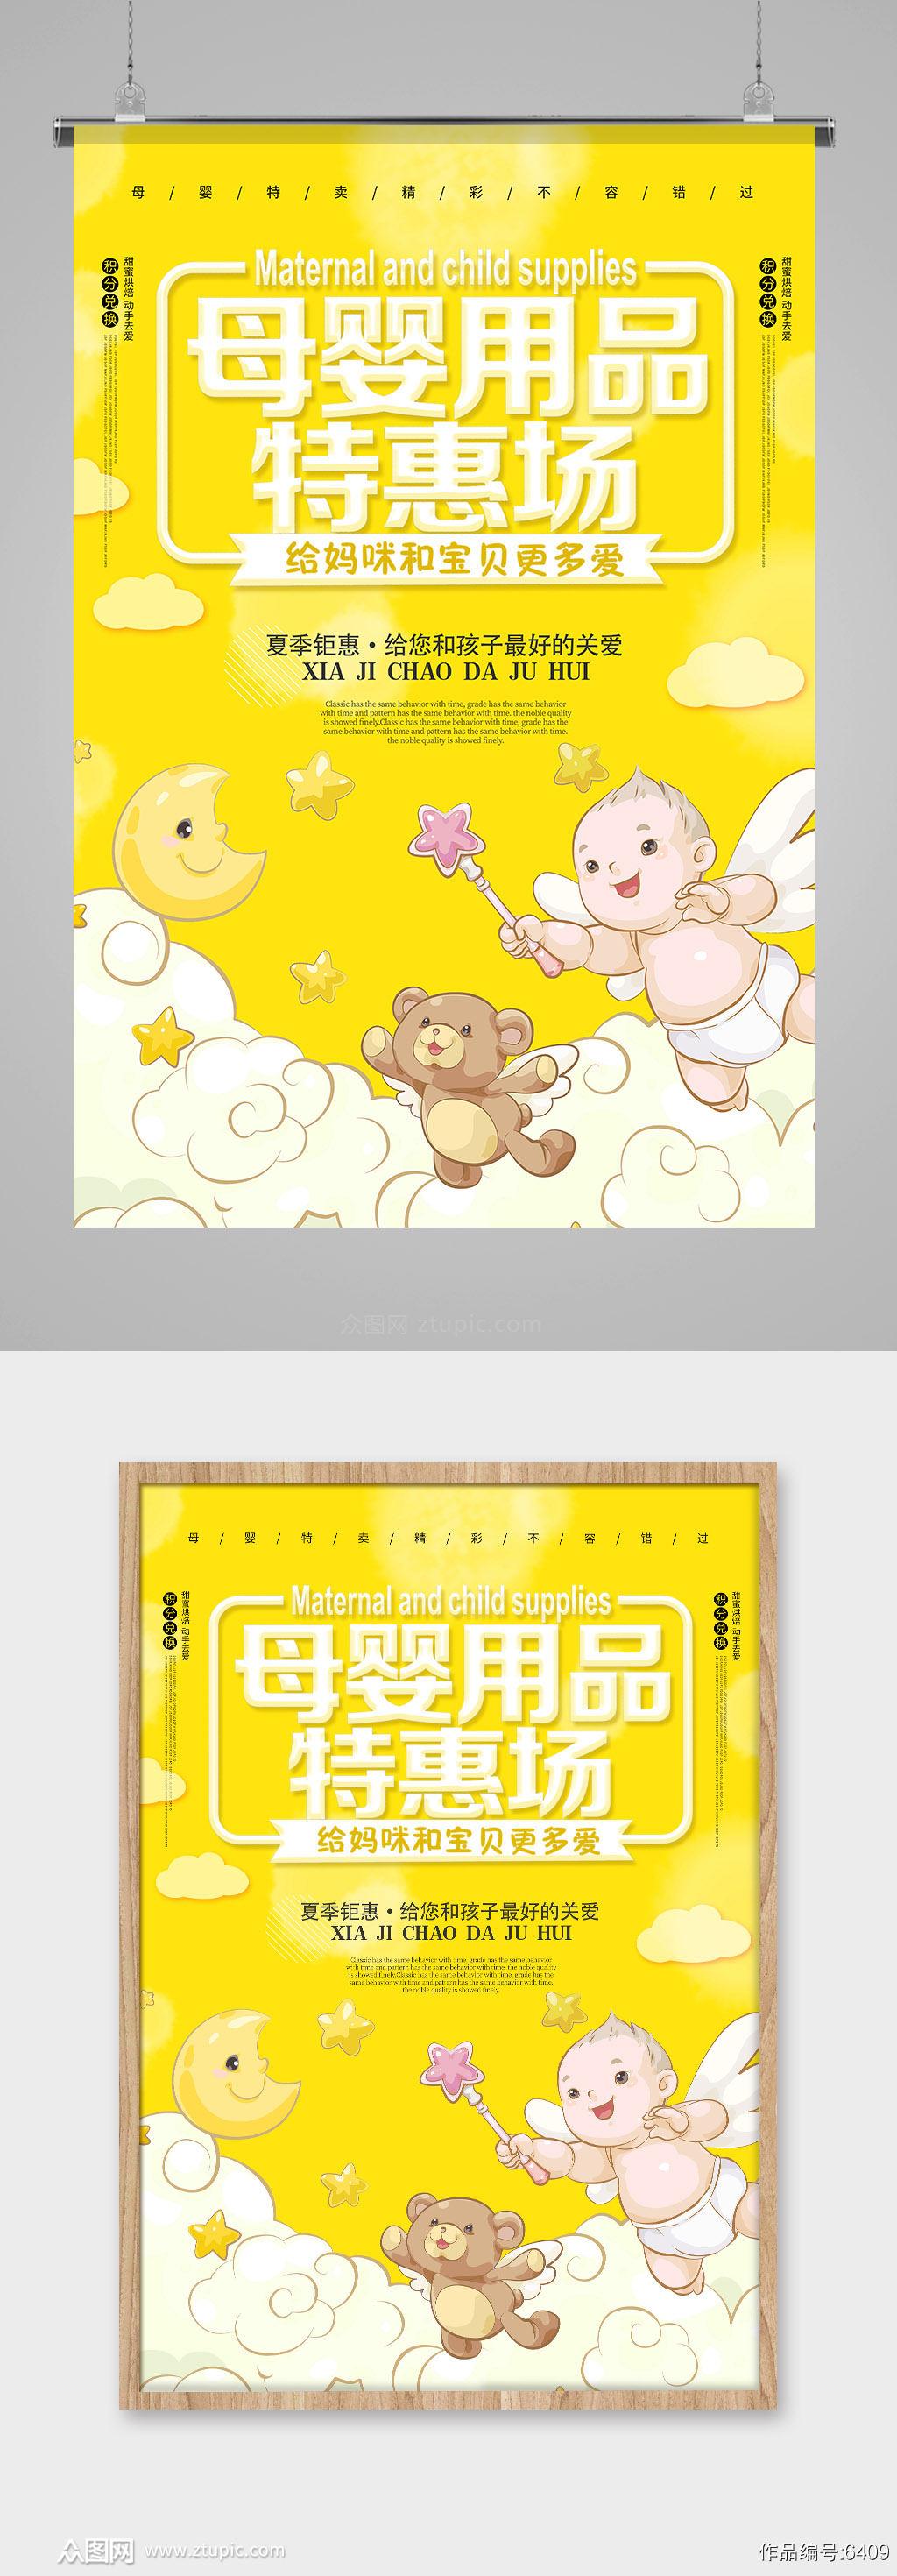 黄色卡通母婴用品开业酬宾海报模板素材